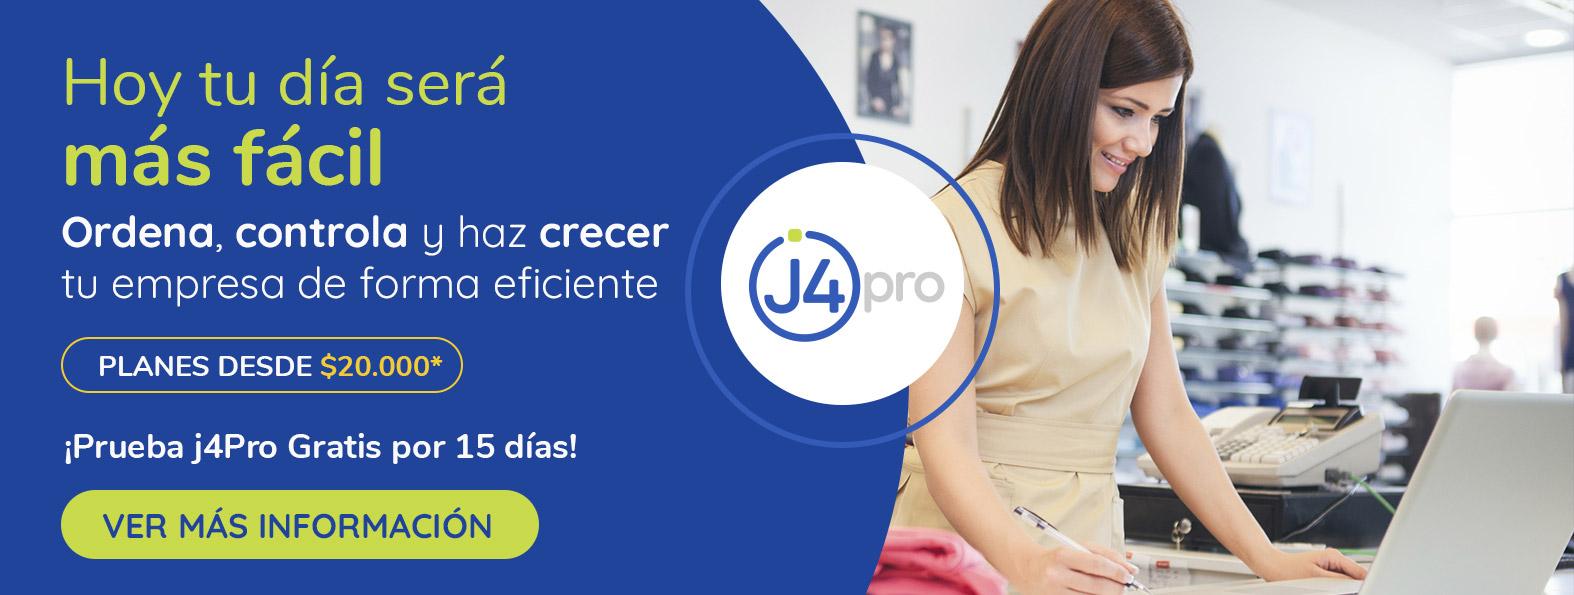 J4pro 2